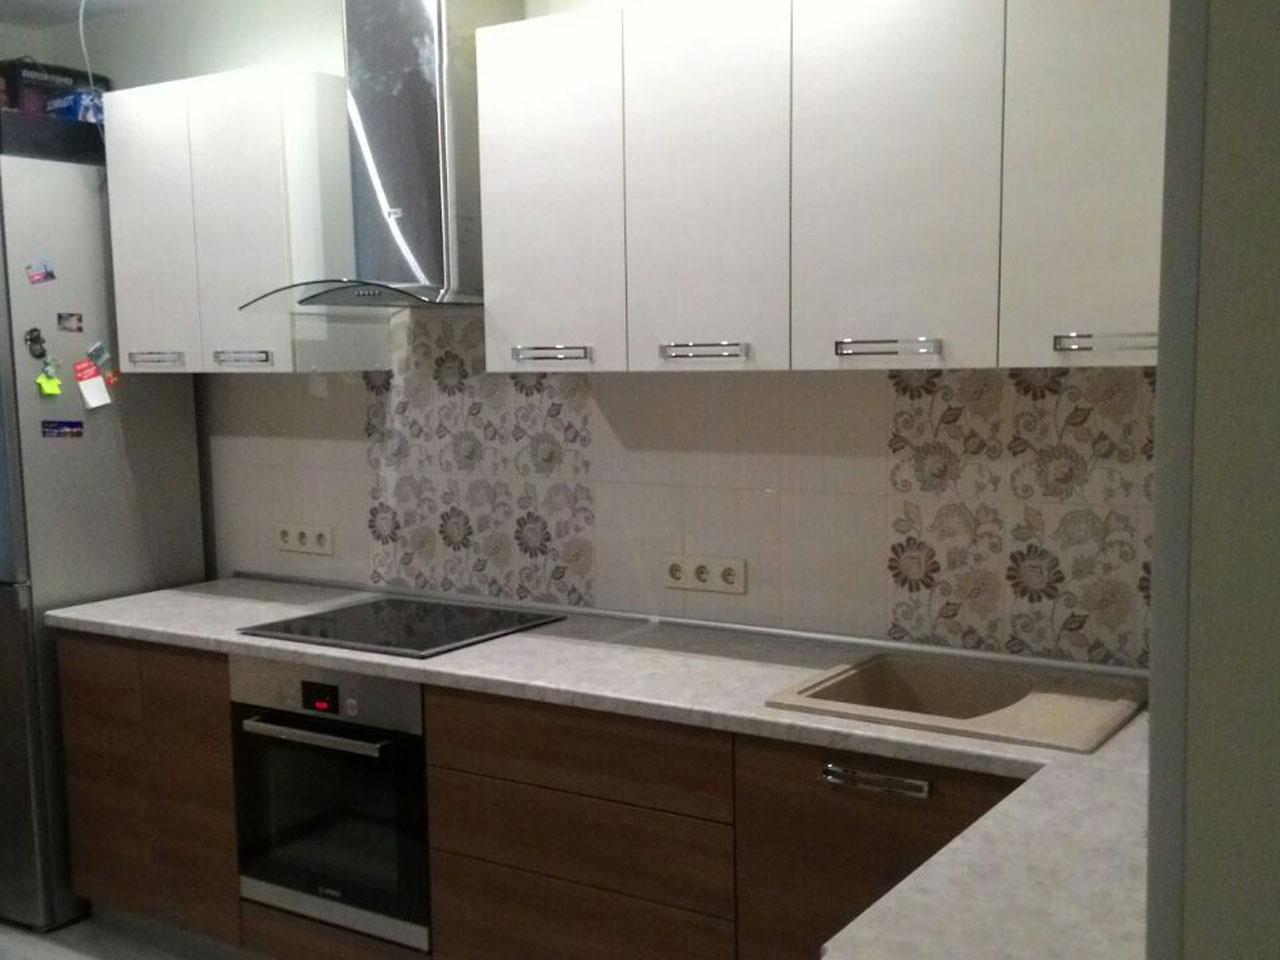 Фото. Угловые кухни. Цена 56 тыс. рублей